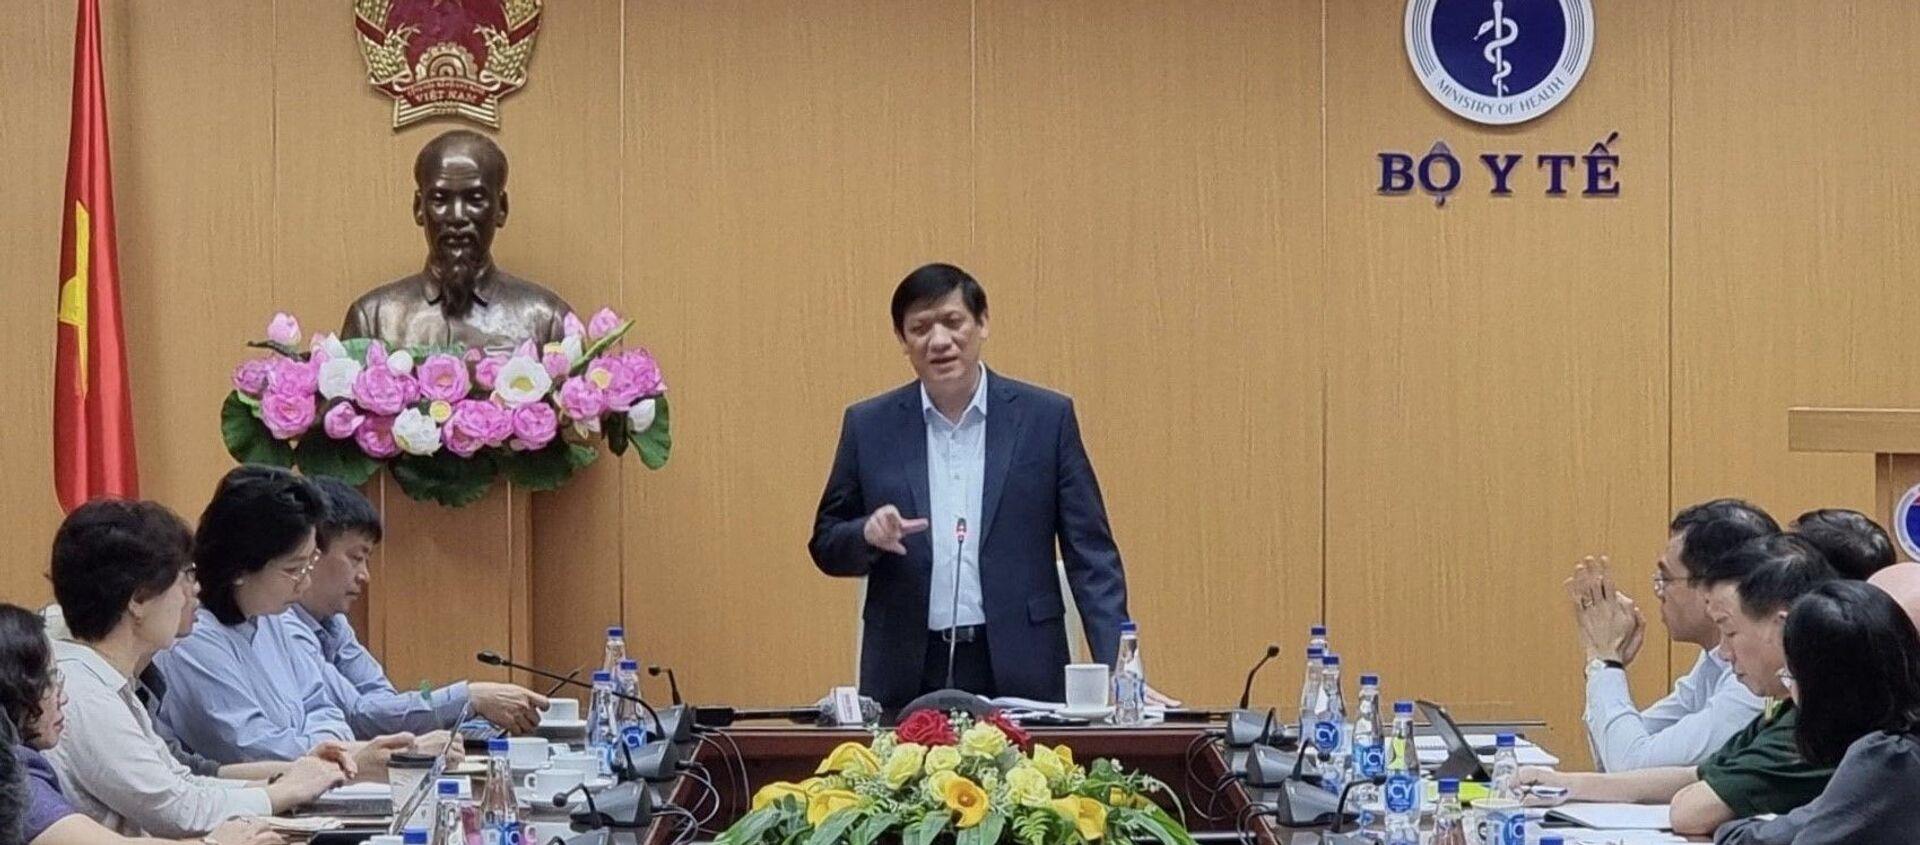 Bộ trưởng Bộ Y tế Nguyễn Thanh Long phát biểu. - Sputnik Việt Nam, 1920, 23.04.2021